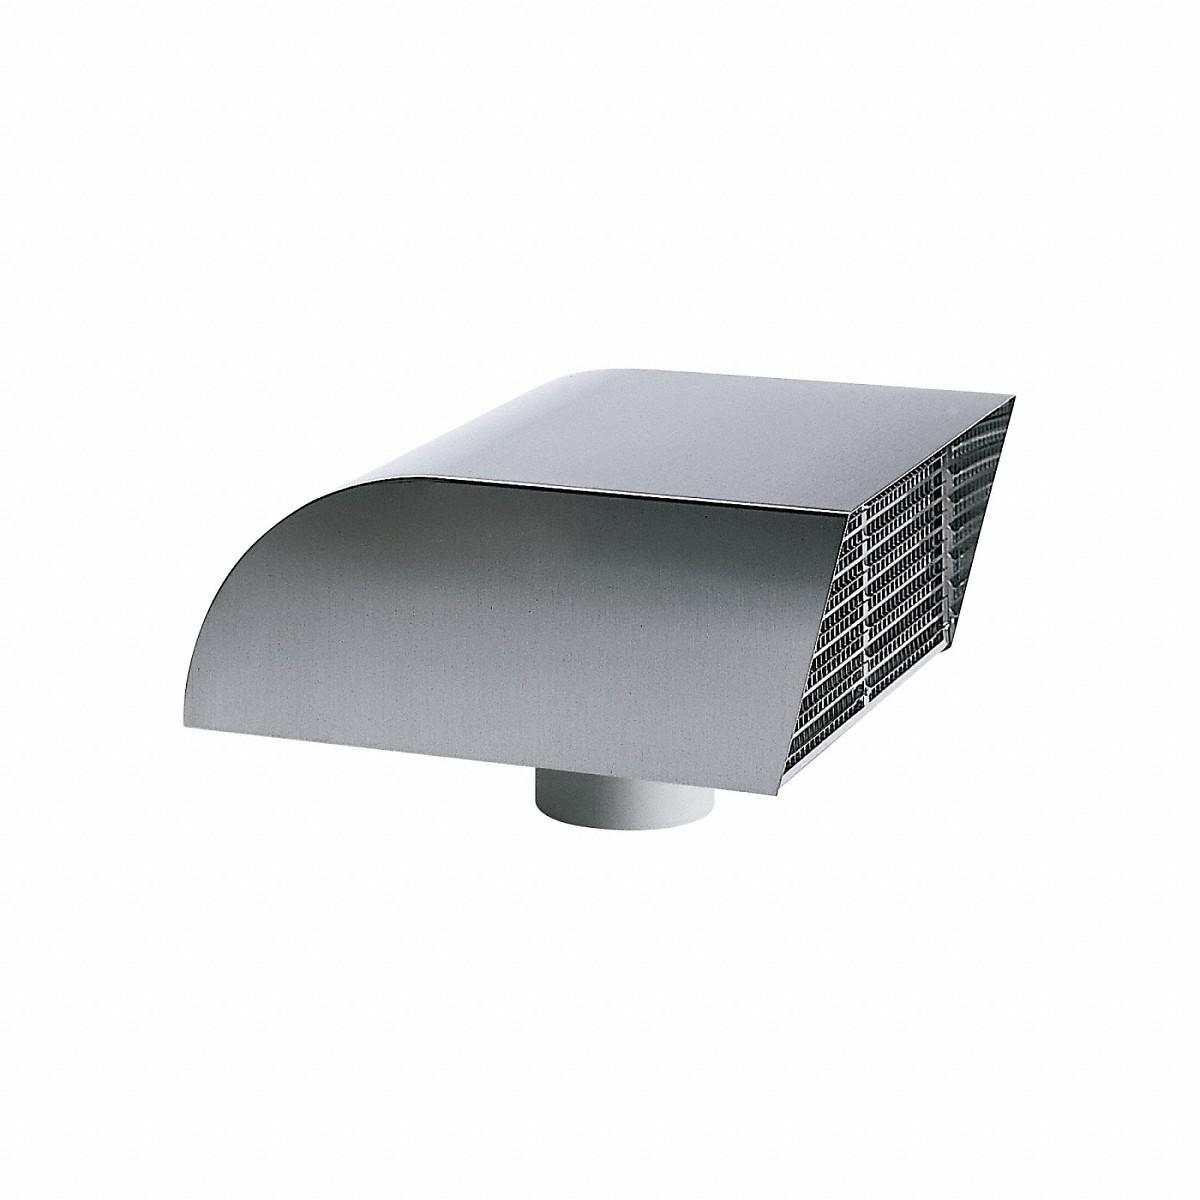 Miele awg 102 ventilateur ext rieur for Ventilateur exterieur